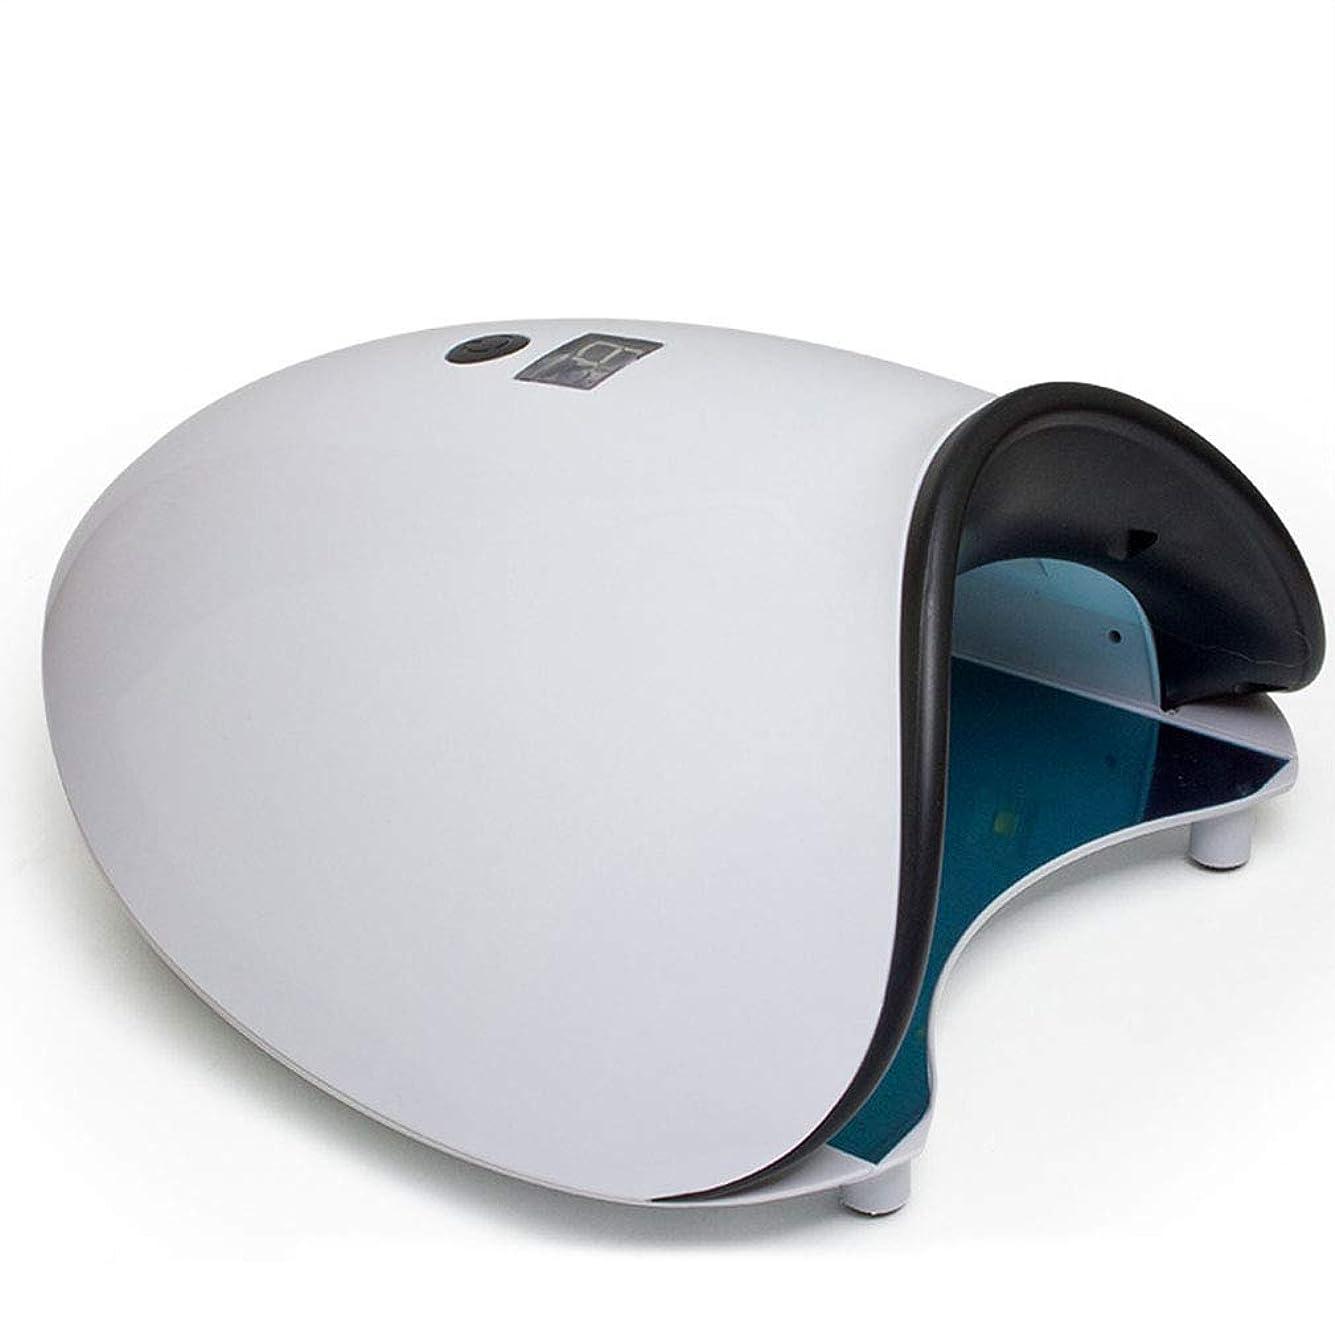 エゴイズムキャンペーン動作48Wネイルドライヤー、ネイル用ポータブルLED/UVランプ赤外線センサー付きネイルランプ、30秒60秒タイマー設定、すべてのジェルに適し、ホワイト